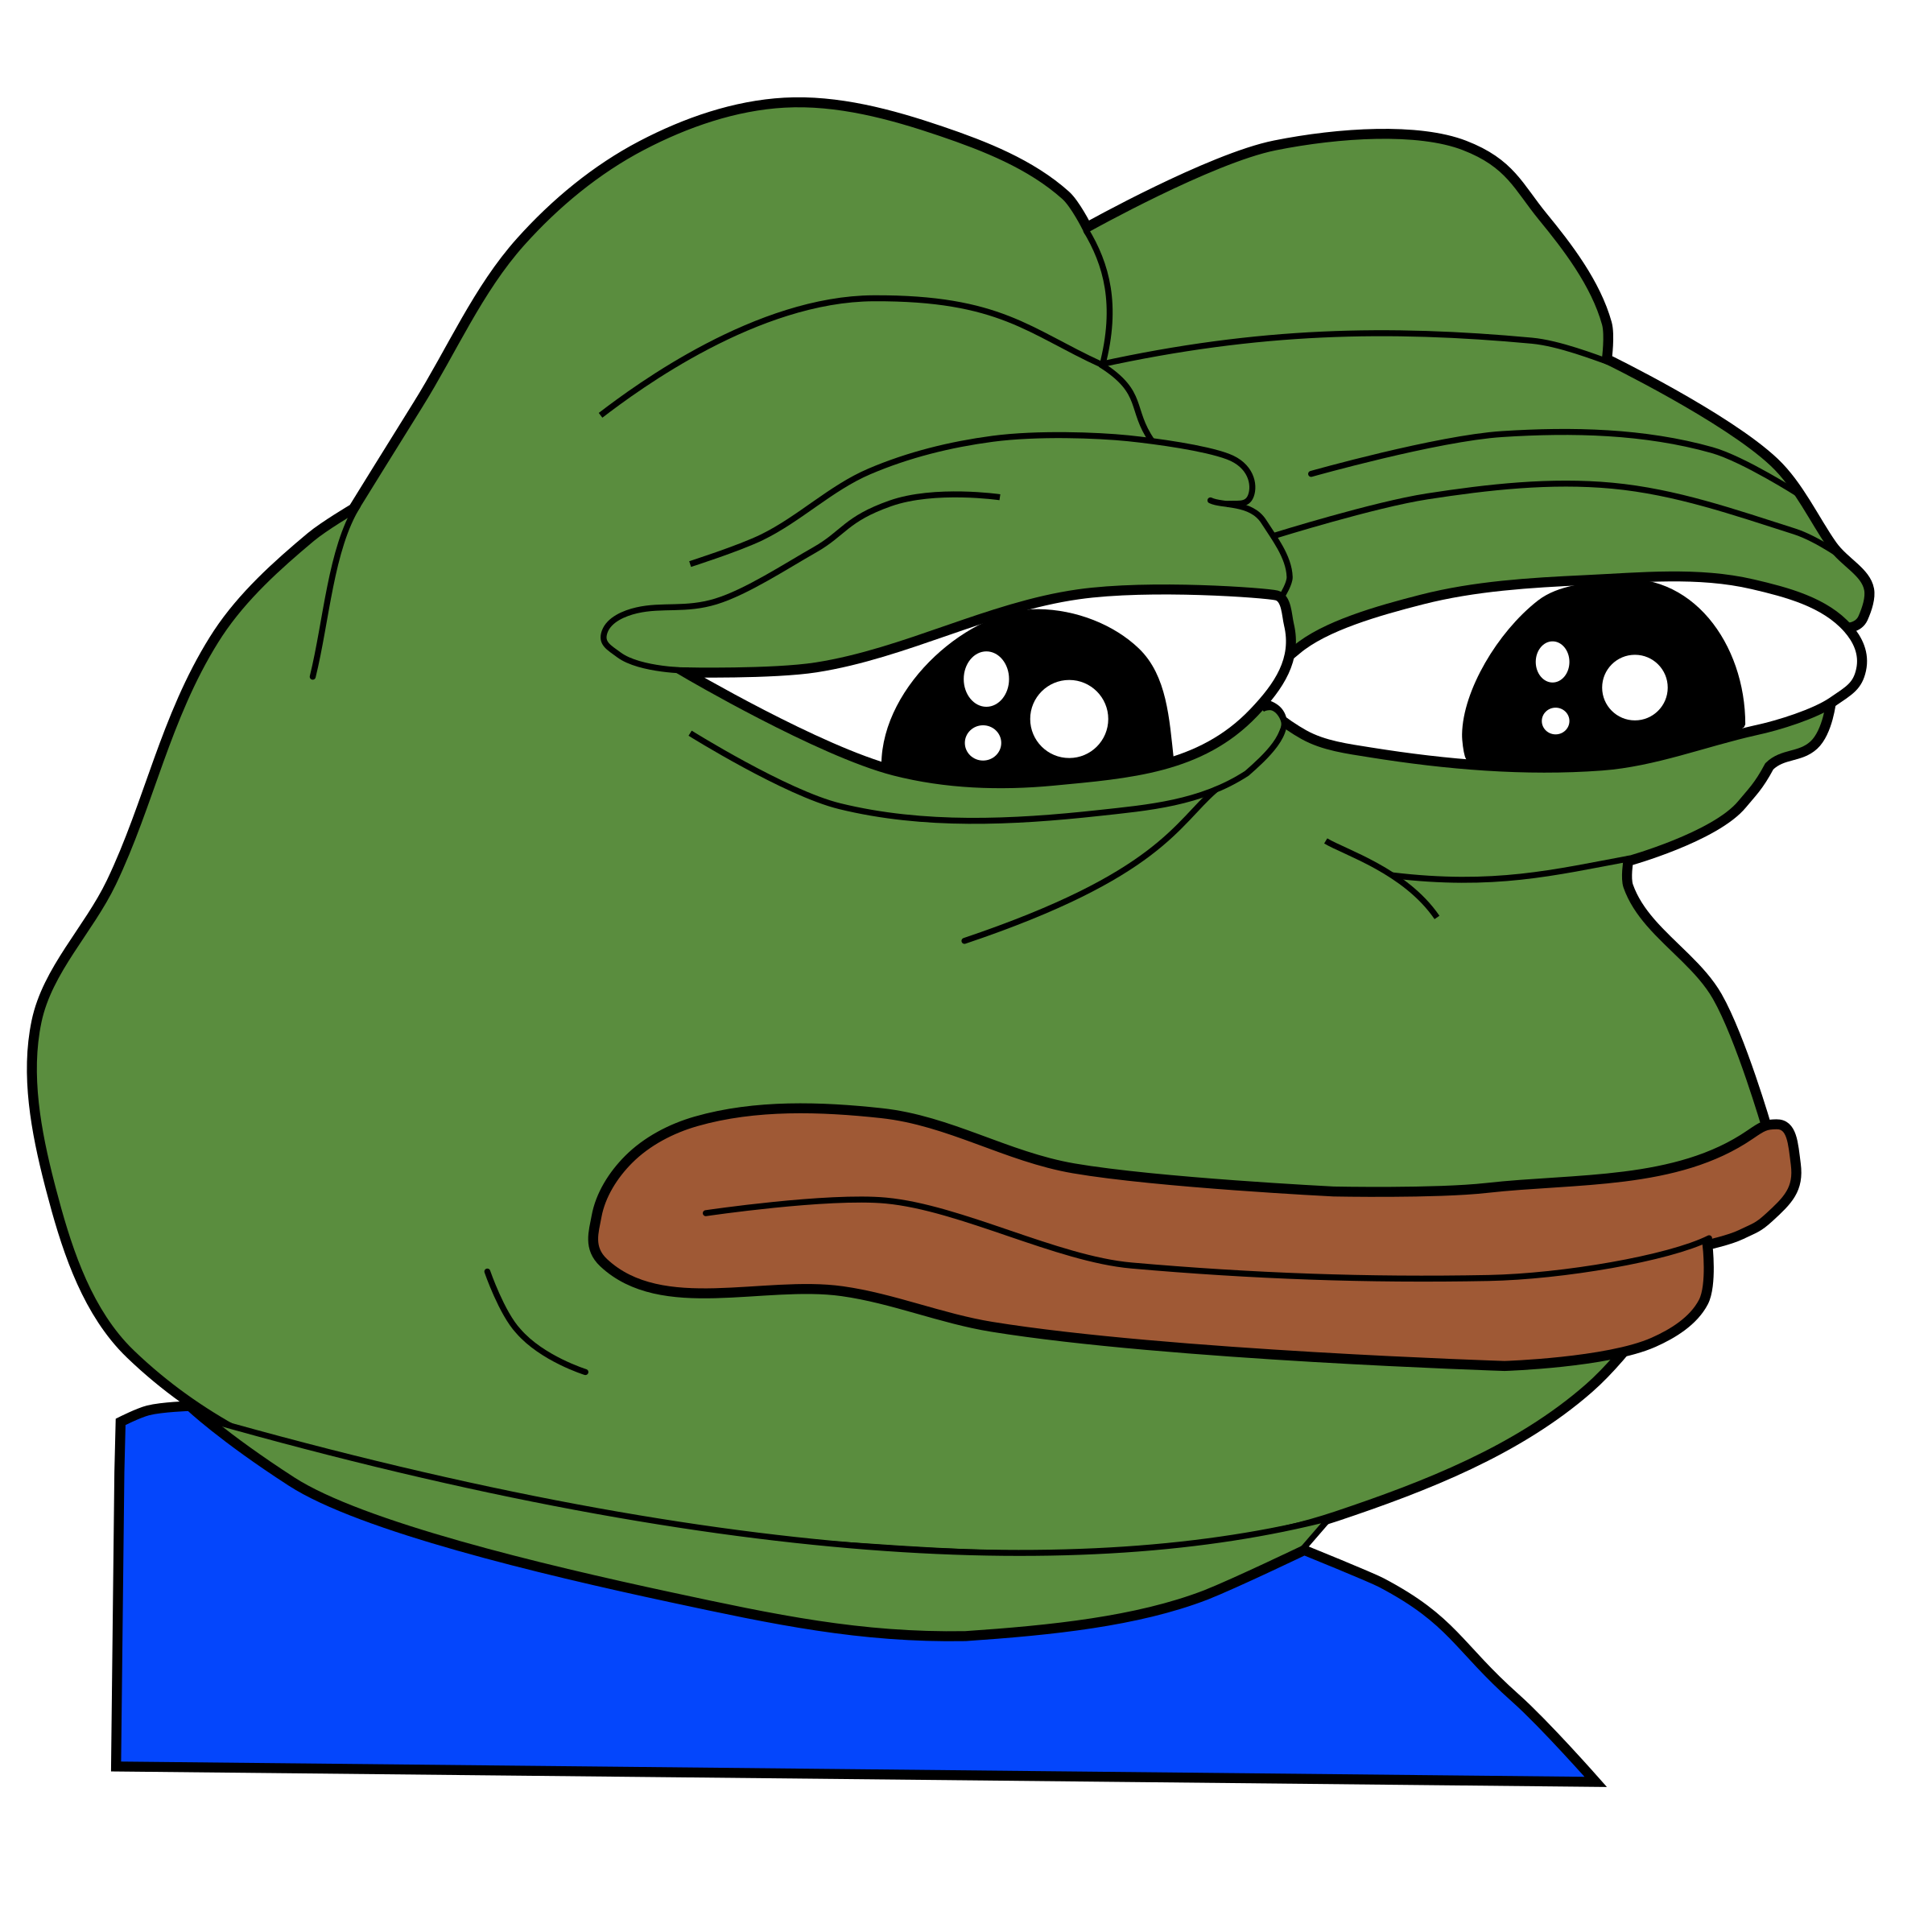 как буквально создать картинку грустная жаба управляется